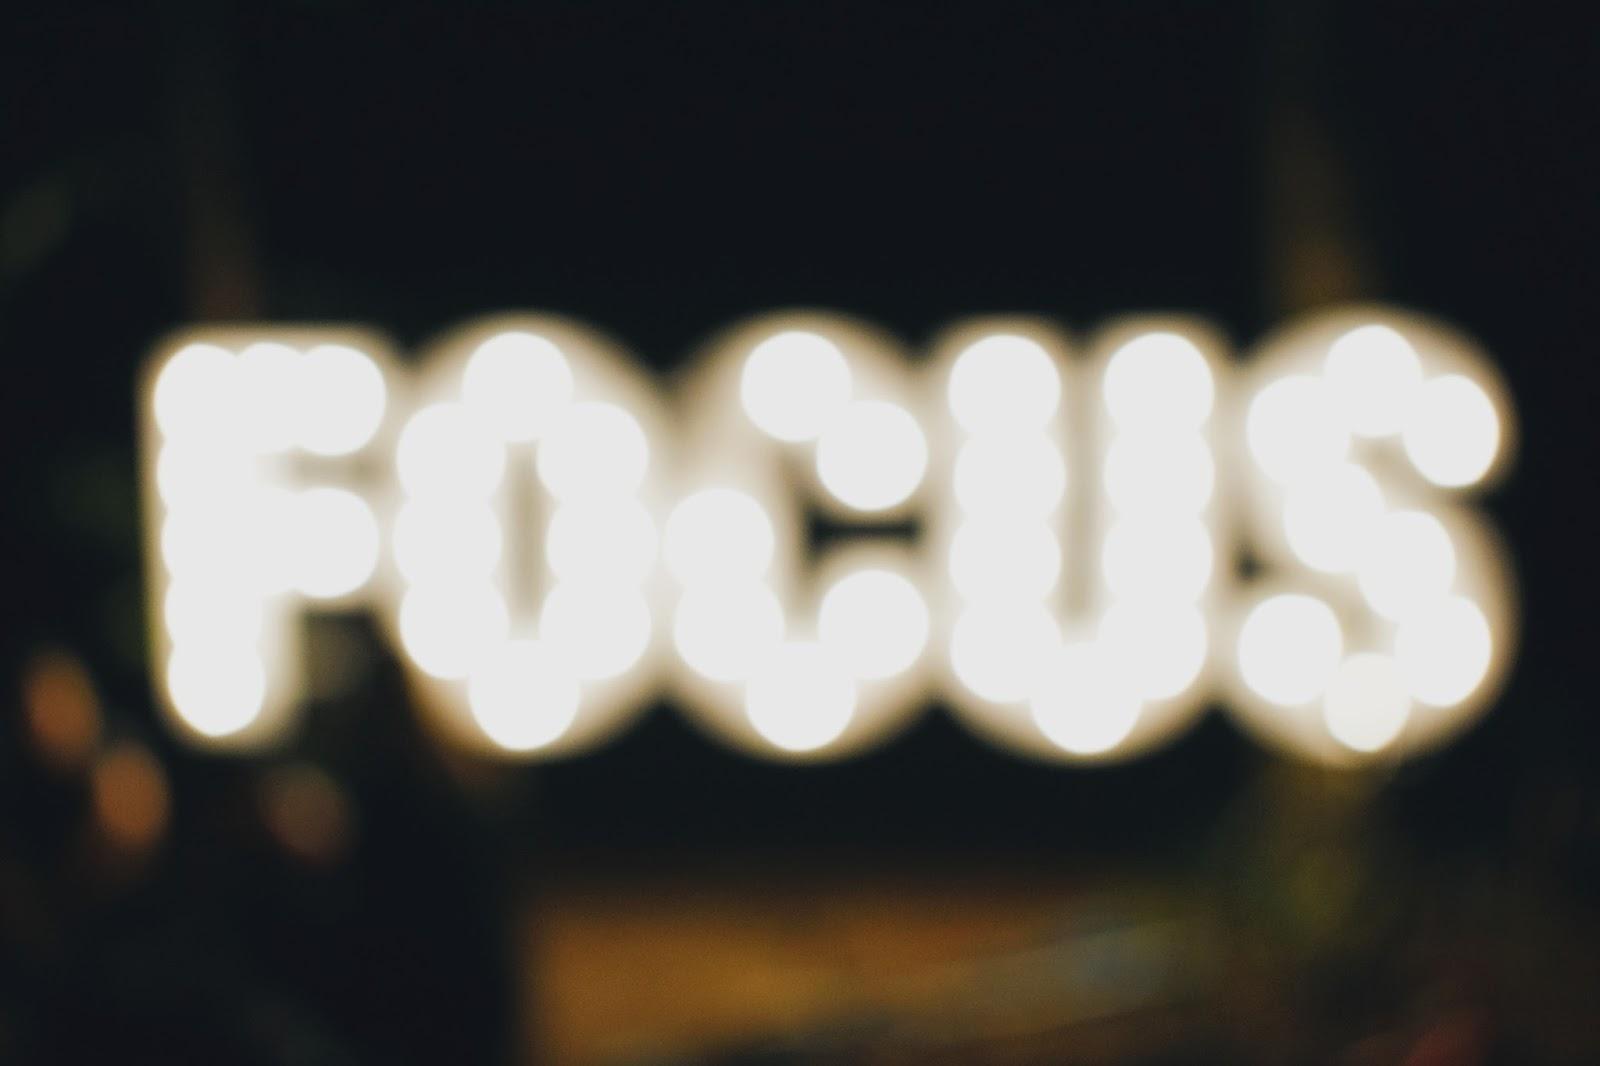 10 modi per essere la migliore versione di te stessa, come cominciare ad essere delle persone positive e propositive per gli altri, 10 piccole buone azioni per essere utili e fare del bene al prossimo, fashionsobsessions.com, @zairadurso, #fashionsobsessions